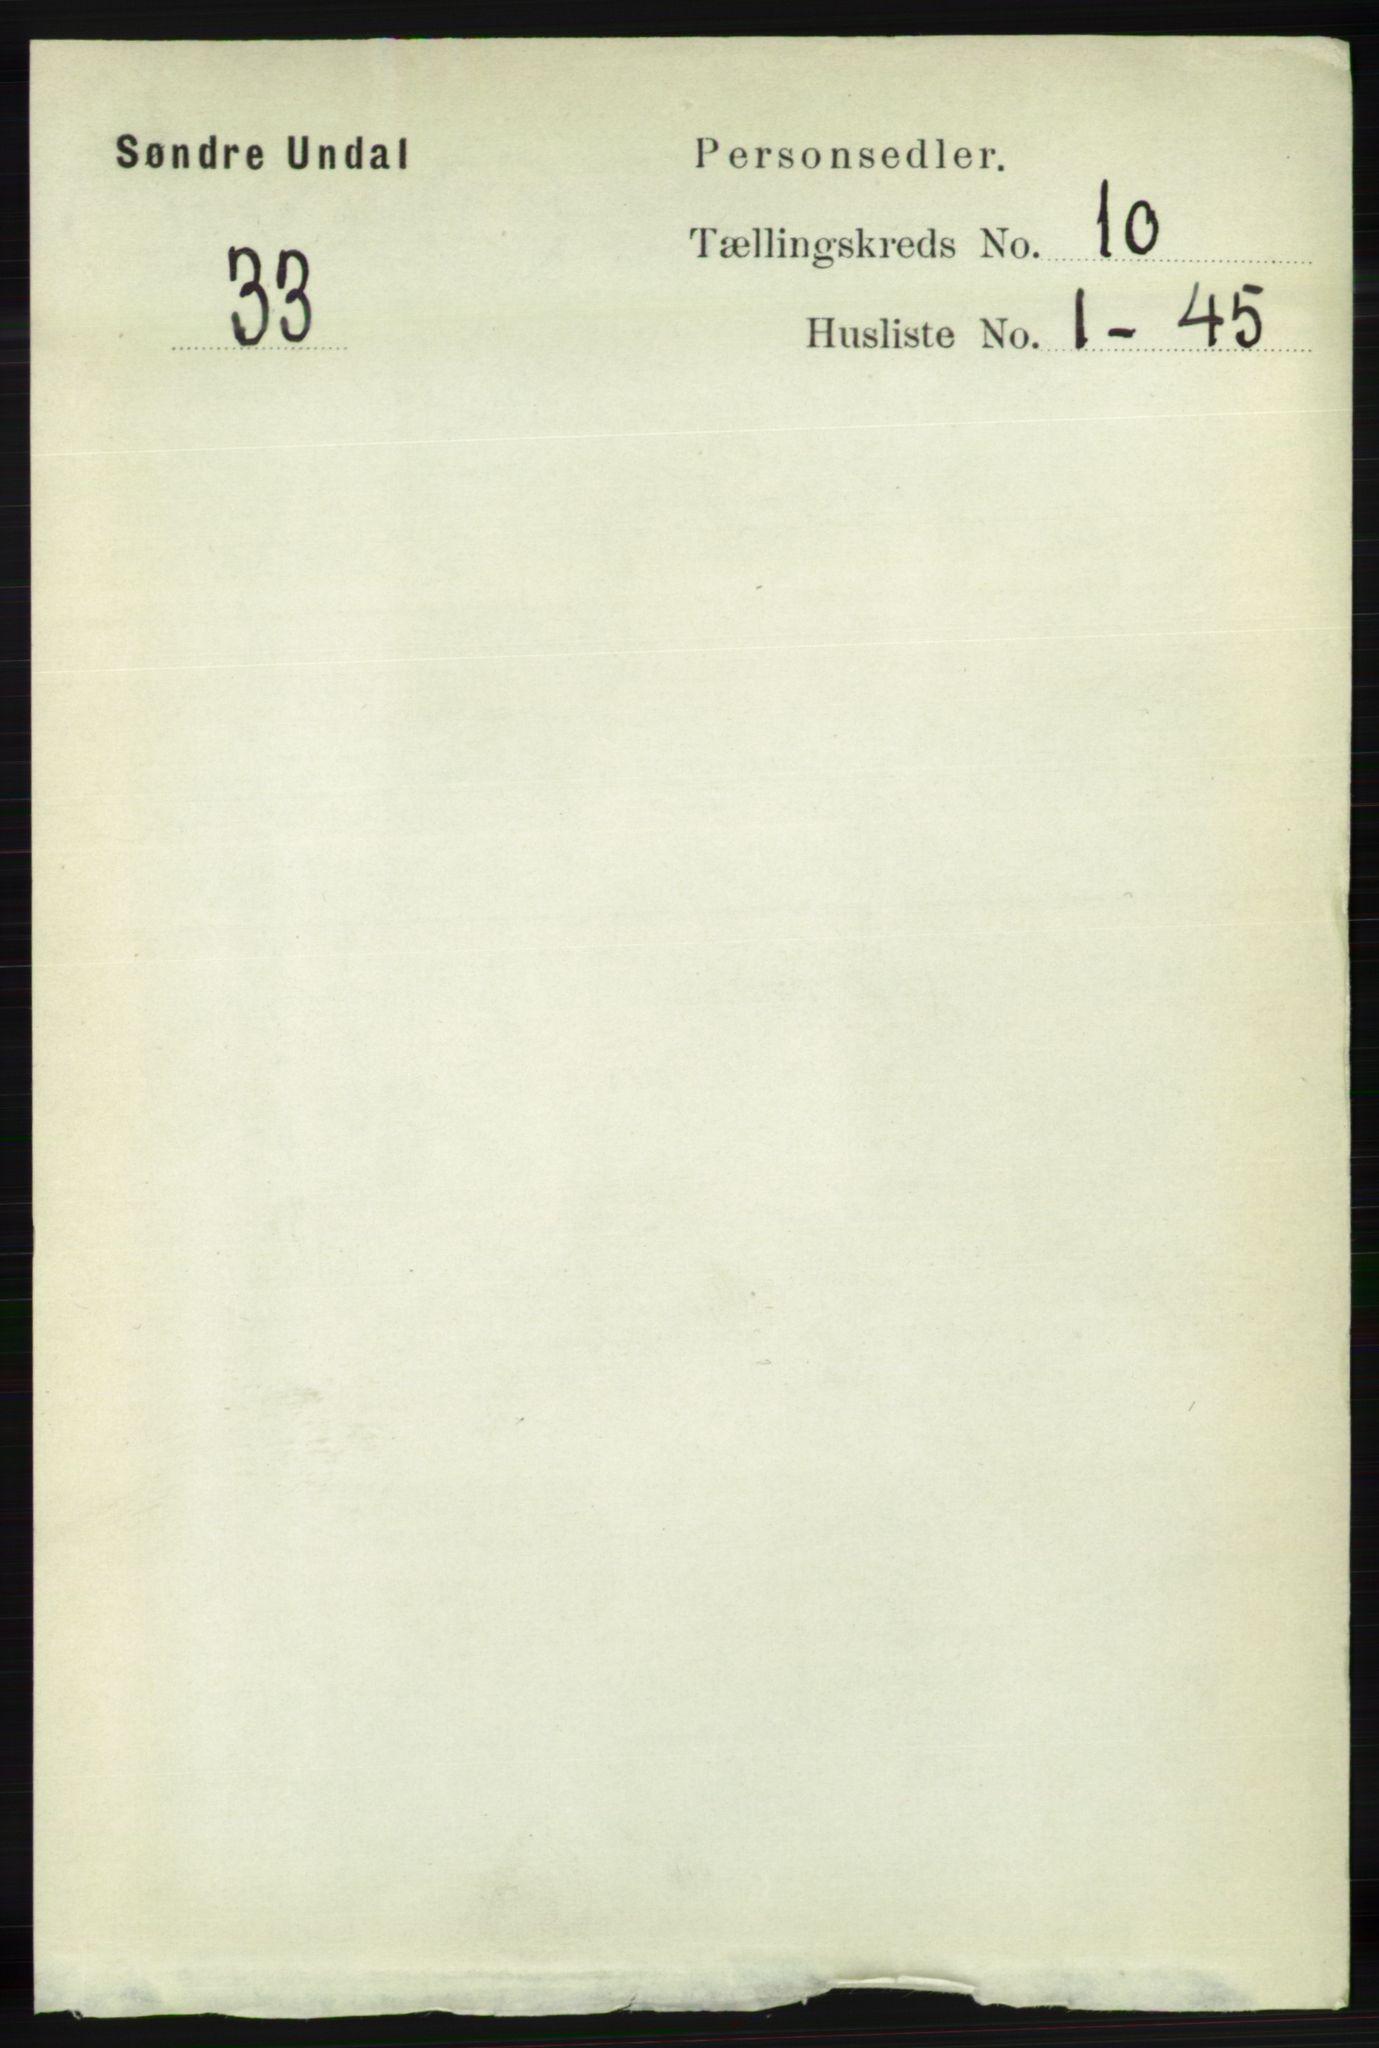 RA, Folketelling 1891 for 1029 Sør-Audnedal herred, 1891, s. 4431